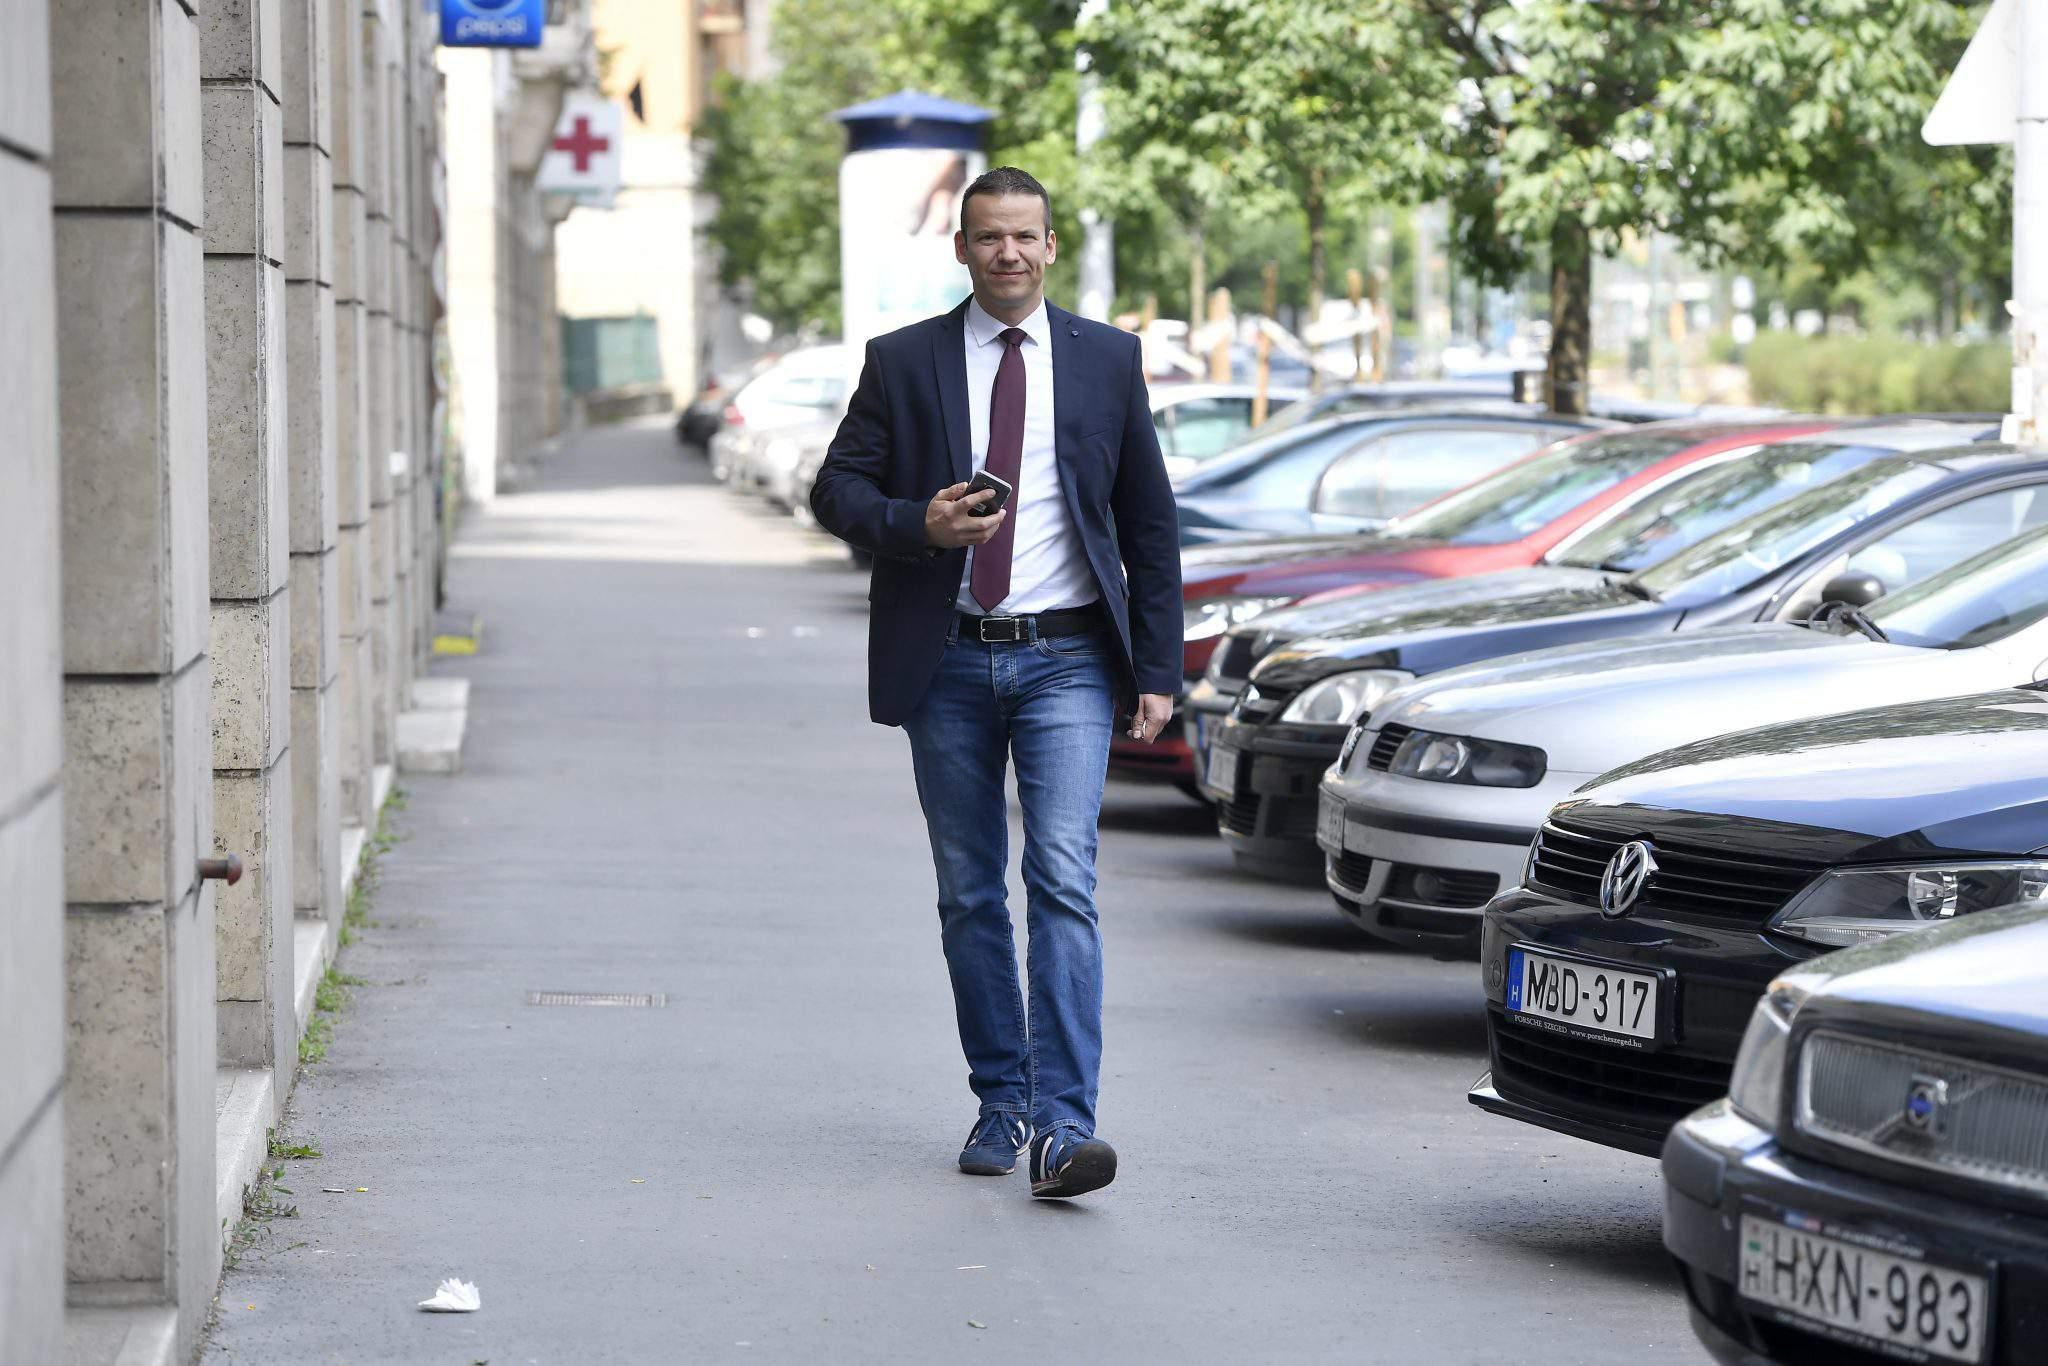 Toroczkai Jobbik